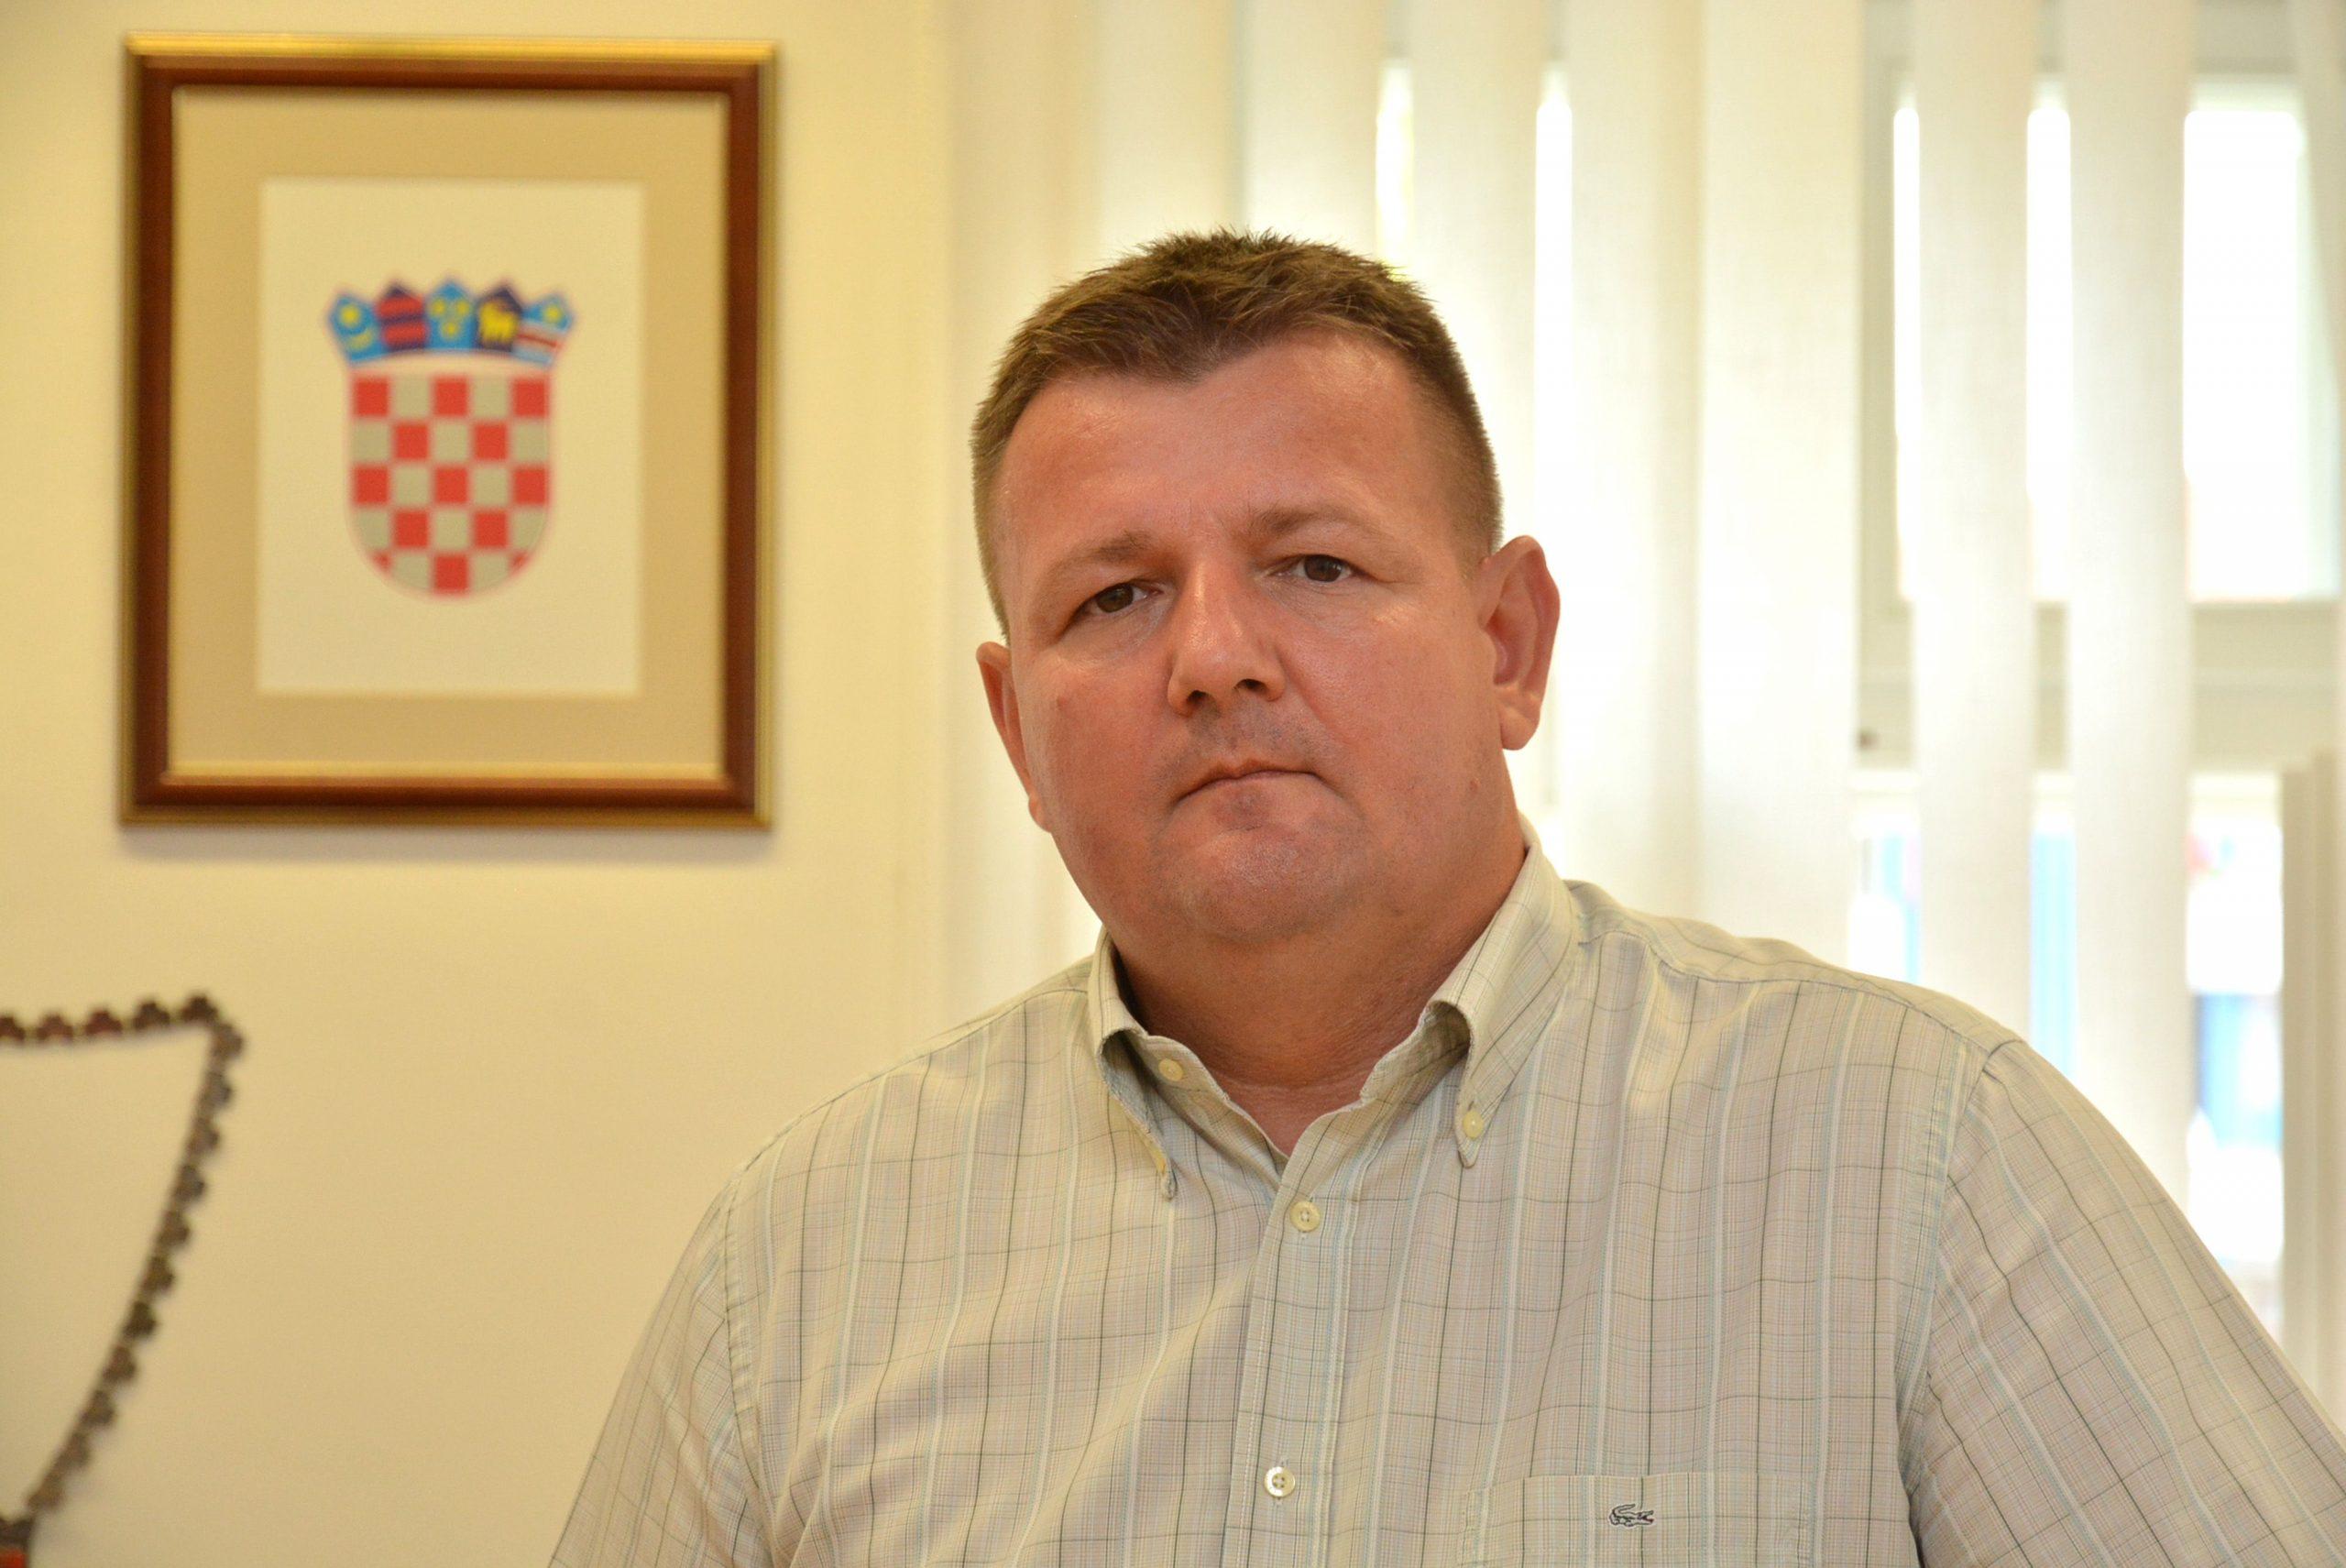 FOTO: D. Špehar / PIXSELL, Boris Pavelić